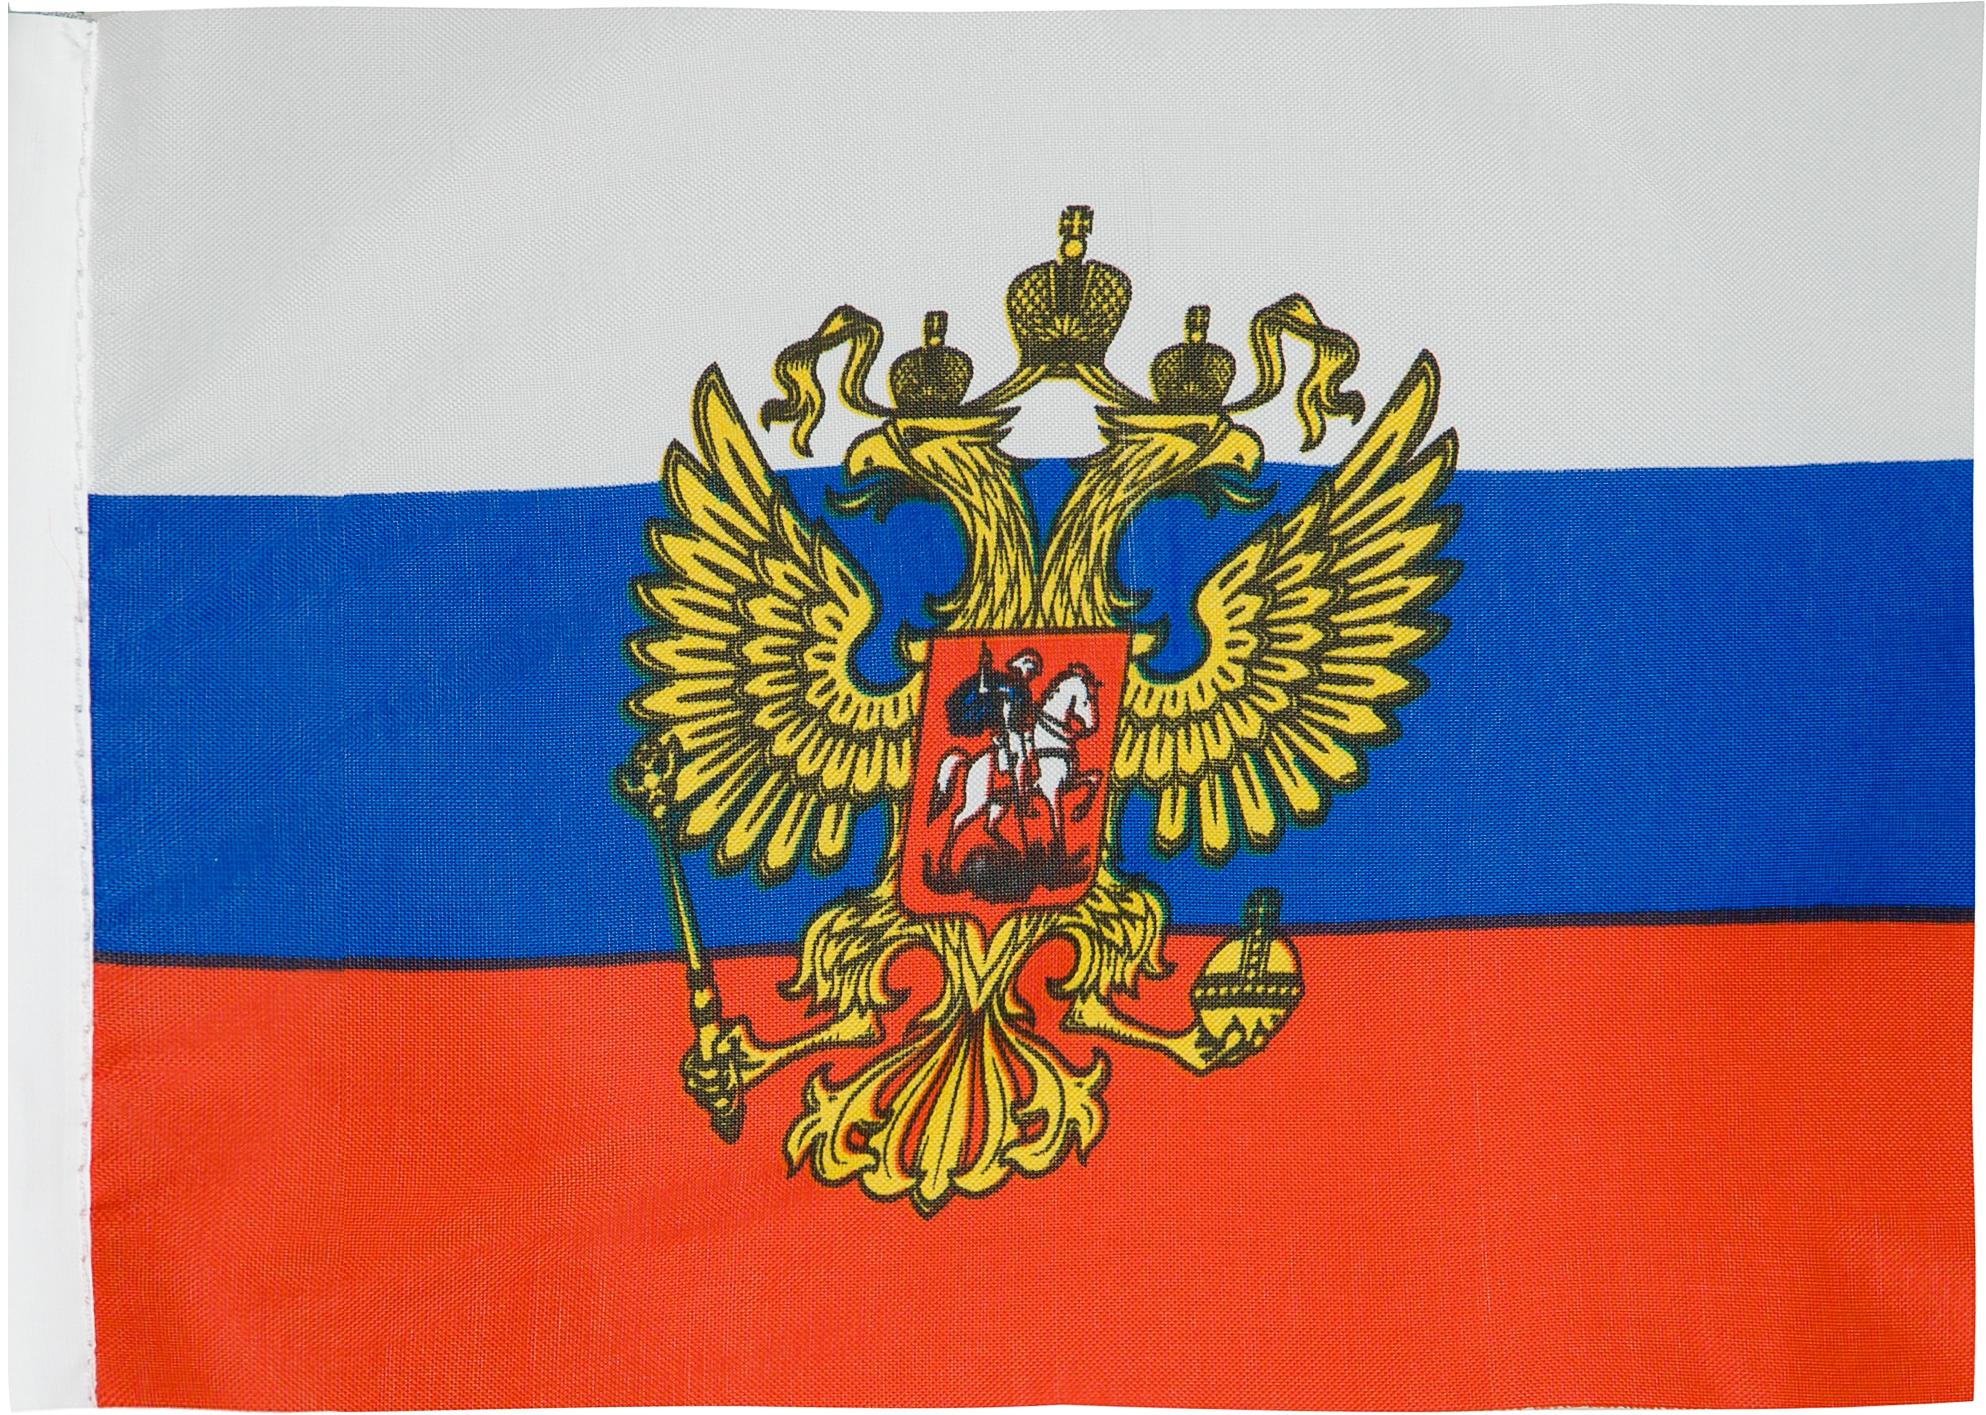 Bro Russian Флаг малый на держателе BRO RUSSIAN 10 х 15 см